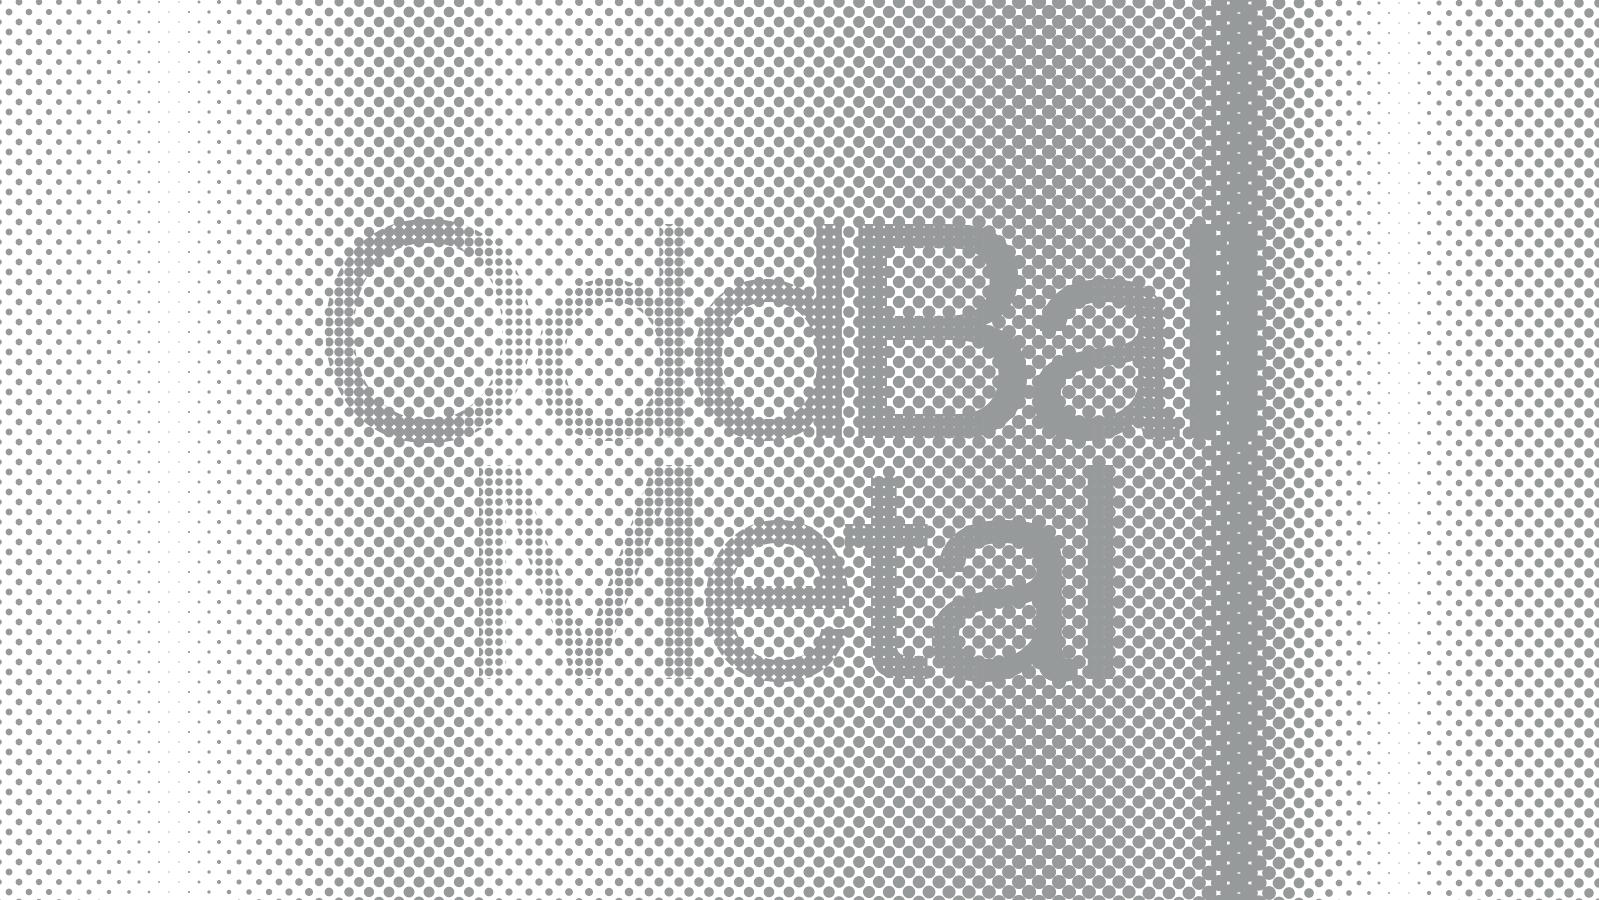 OddBall 2109 - OddBall Metal